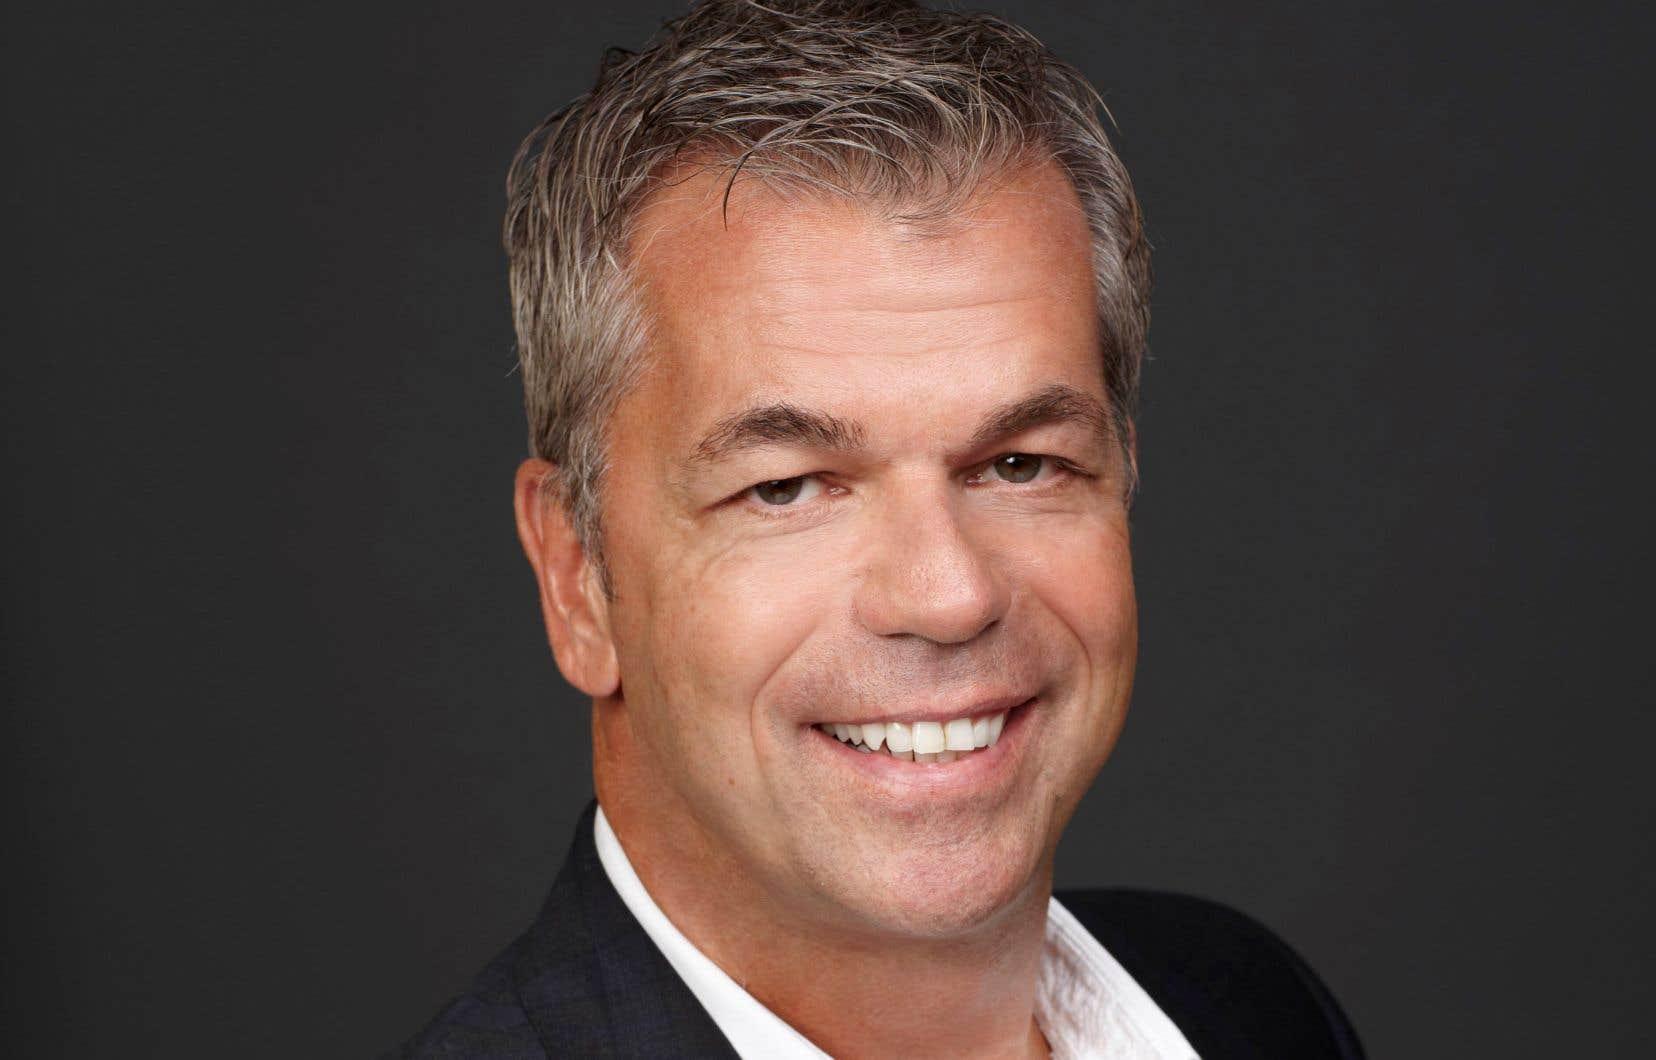 L'ancien organisateur politique Richard Décarie se présente comme un «vrai bleu conservateur».